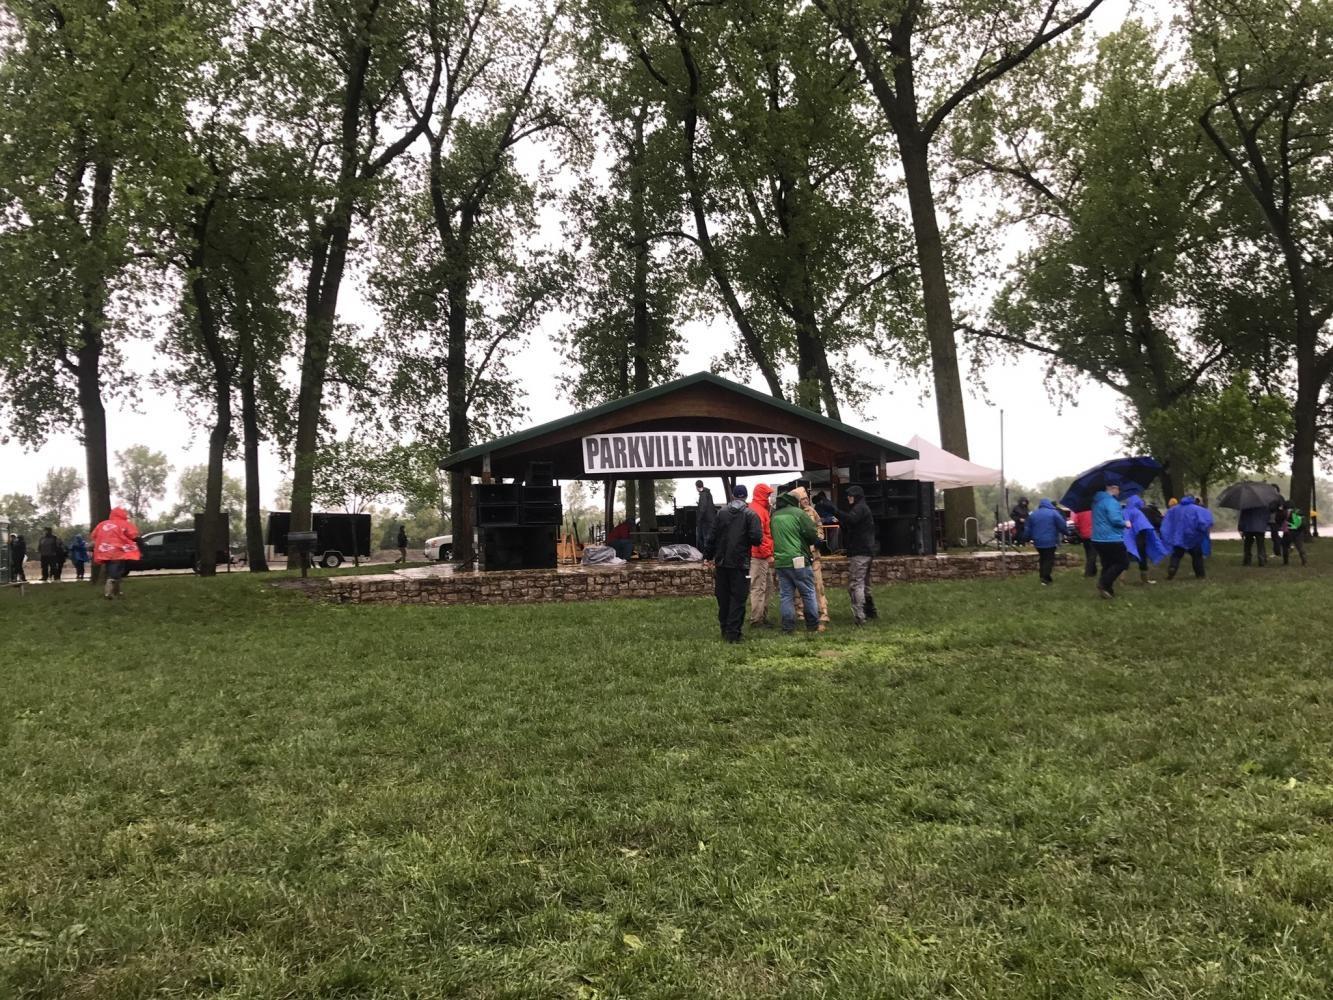 Parkville Brewfest